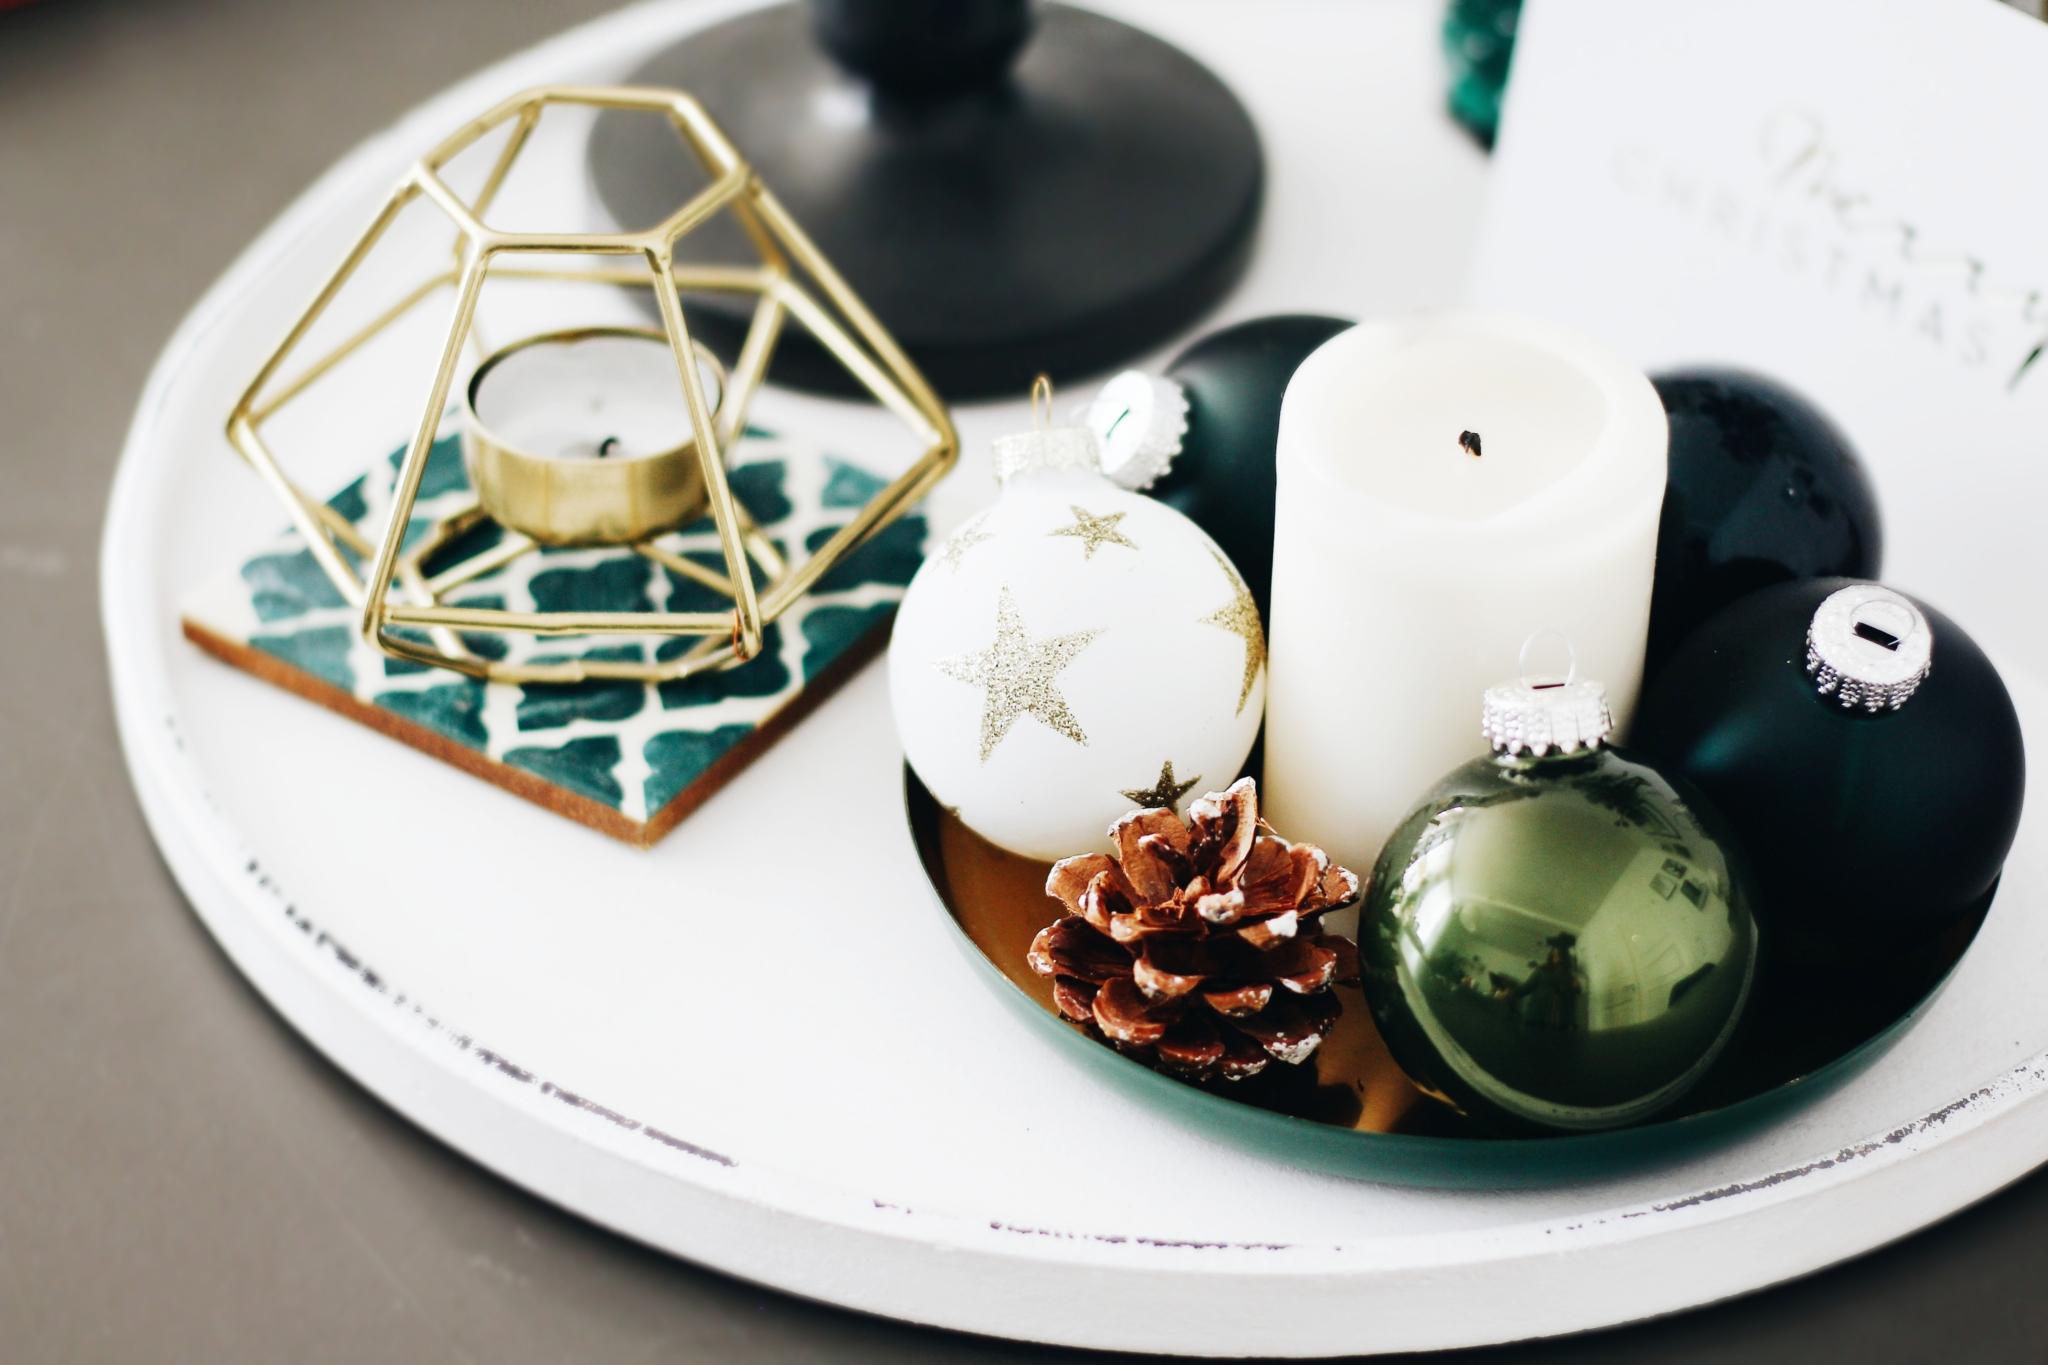 Kleine Tabletts arrangieren - 5 Tipps & Ideen für die eigene Weihnachtsdekoration - Lifestyle Blog Leipzig